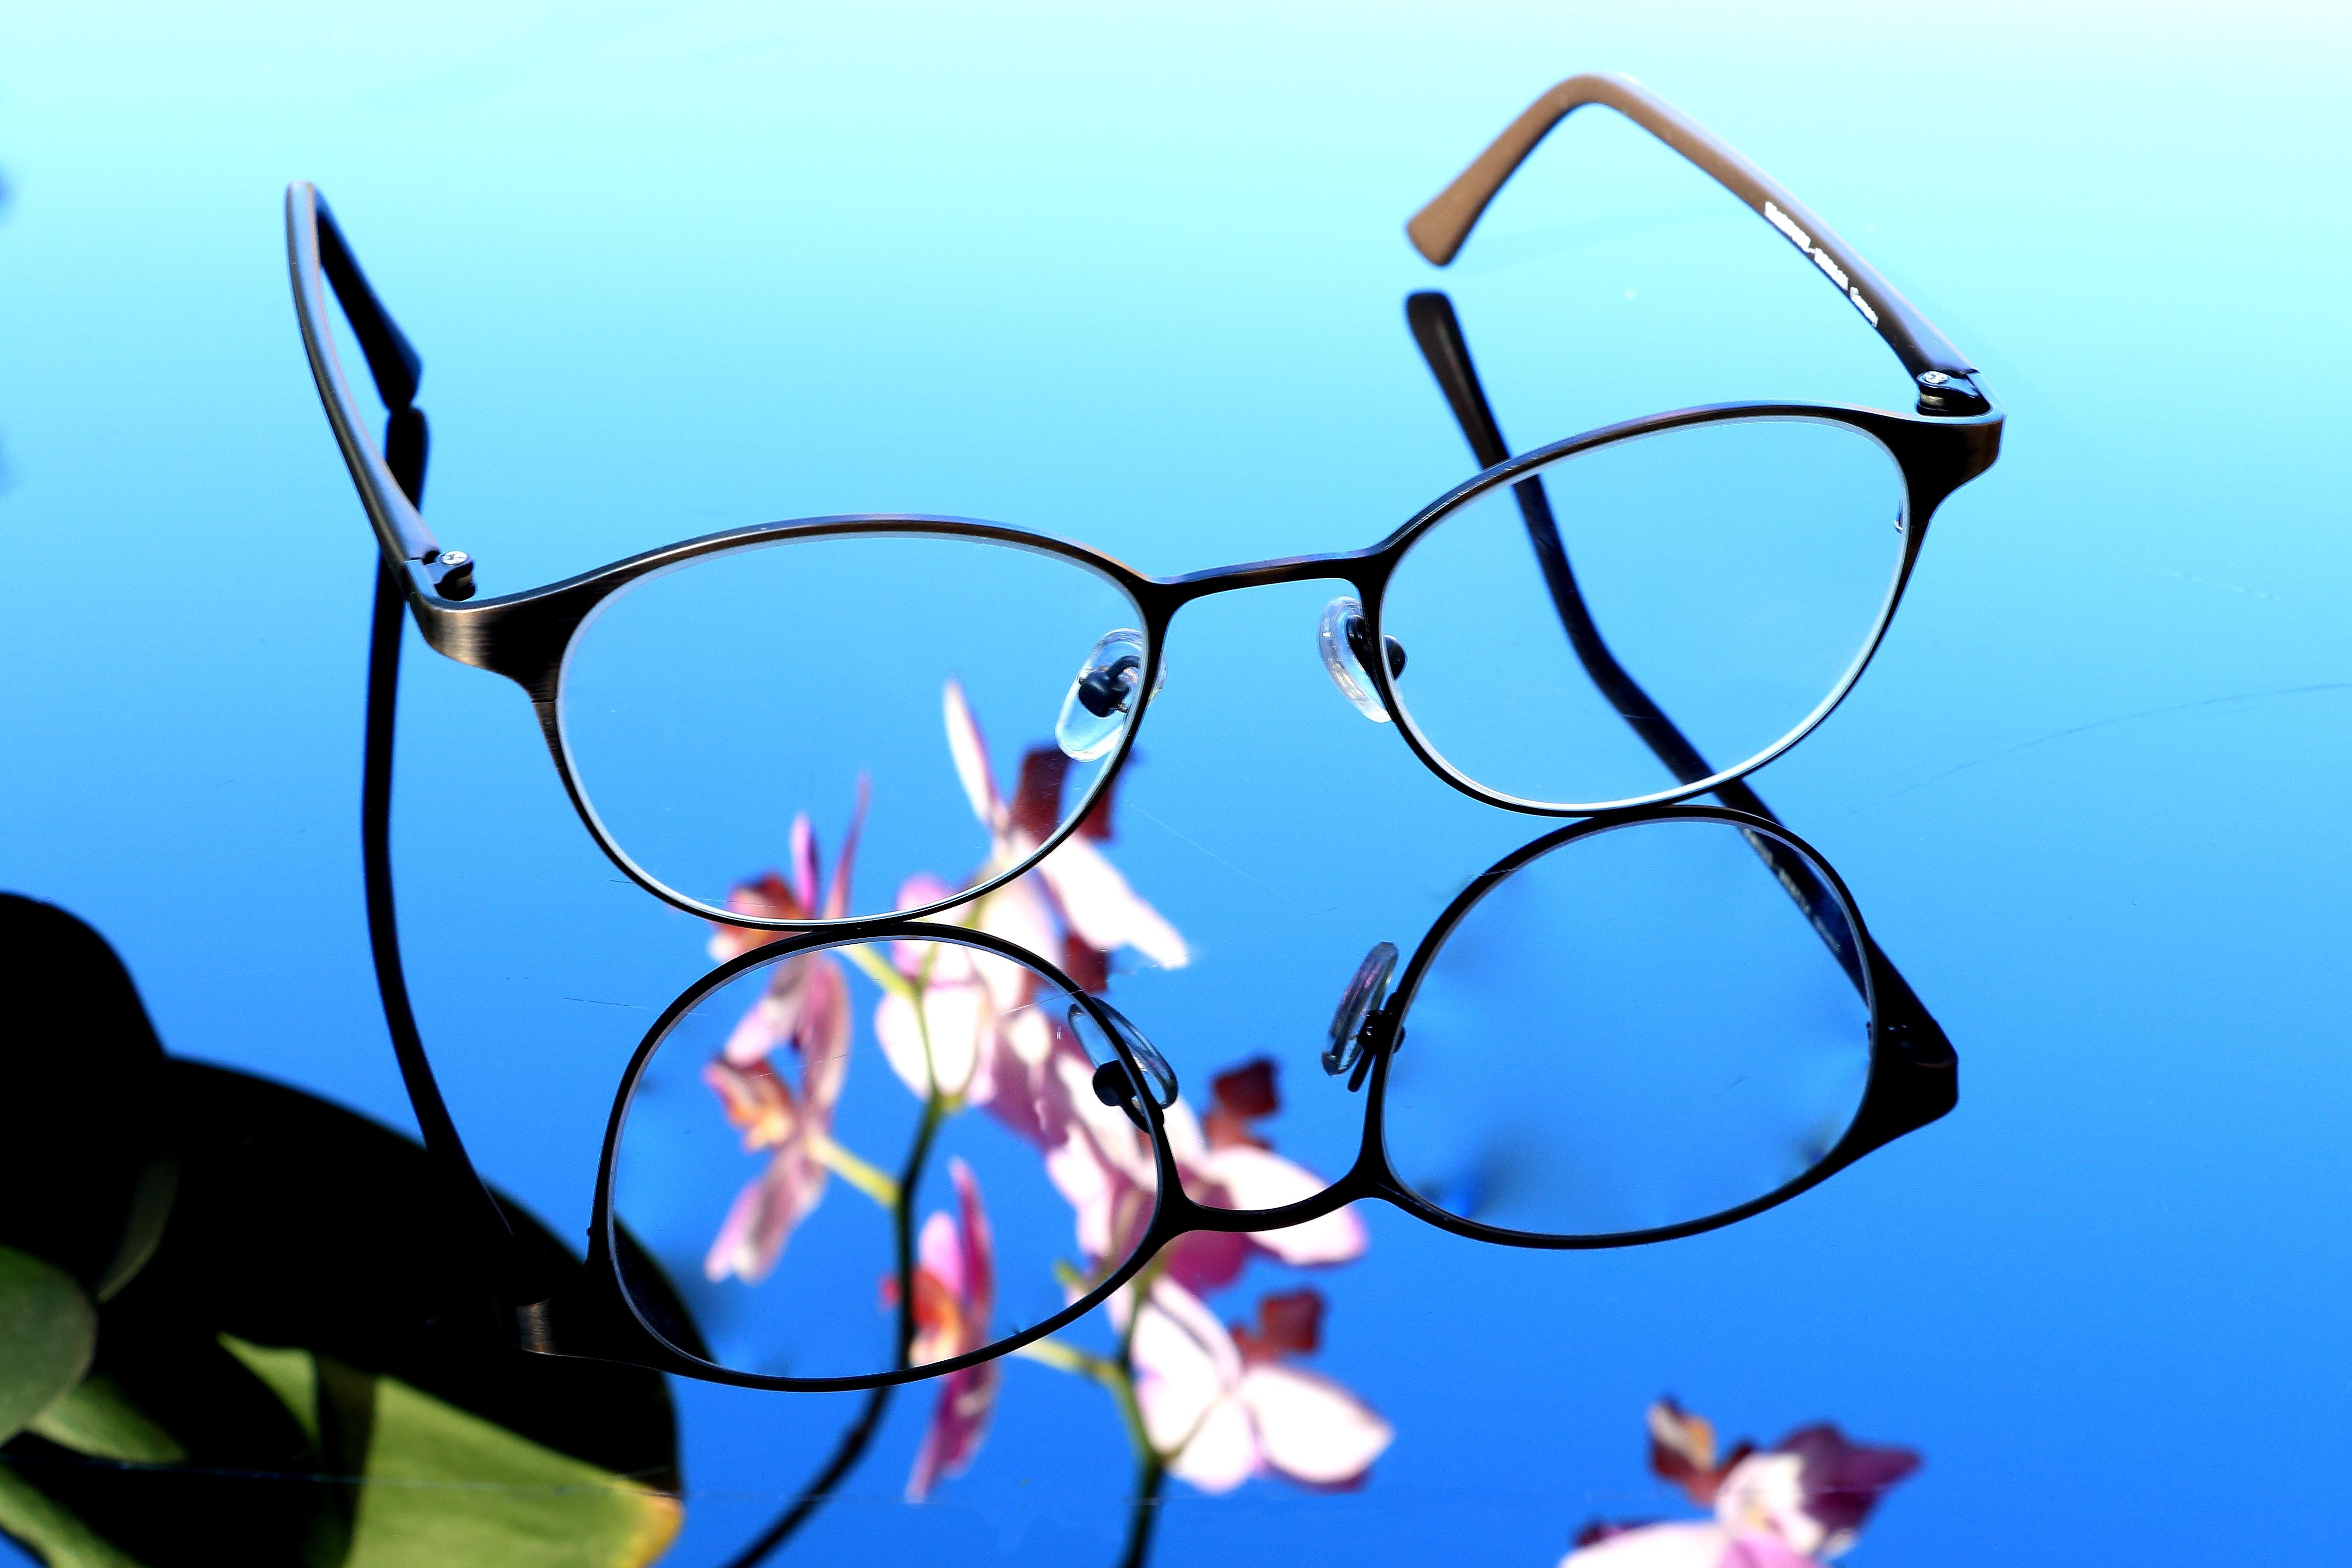 Fotos gratis : rama, flor, pétalo, línea, azul, circulo, orquídea ...